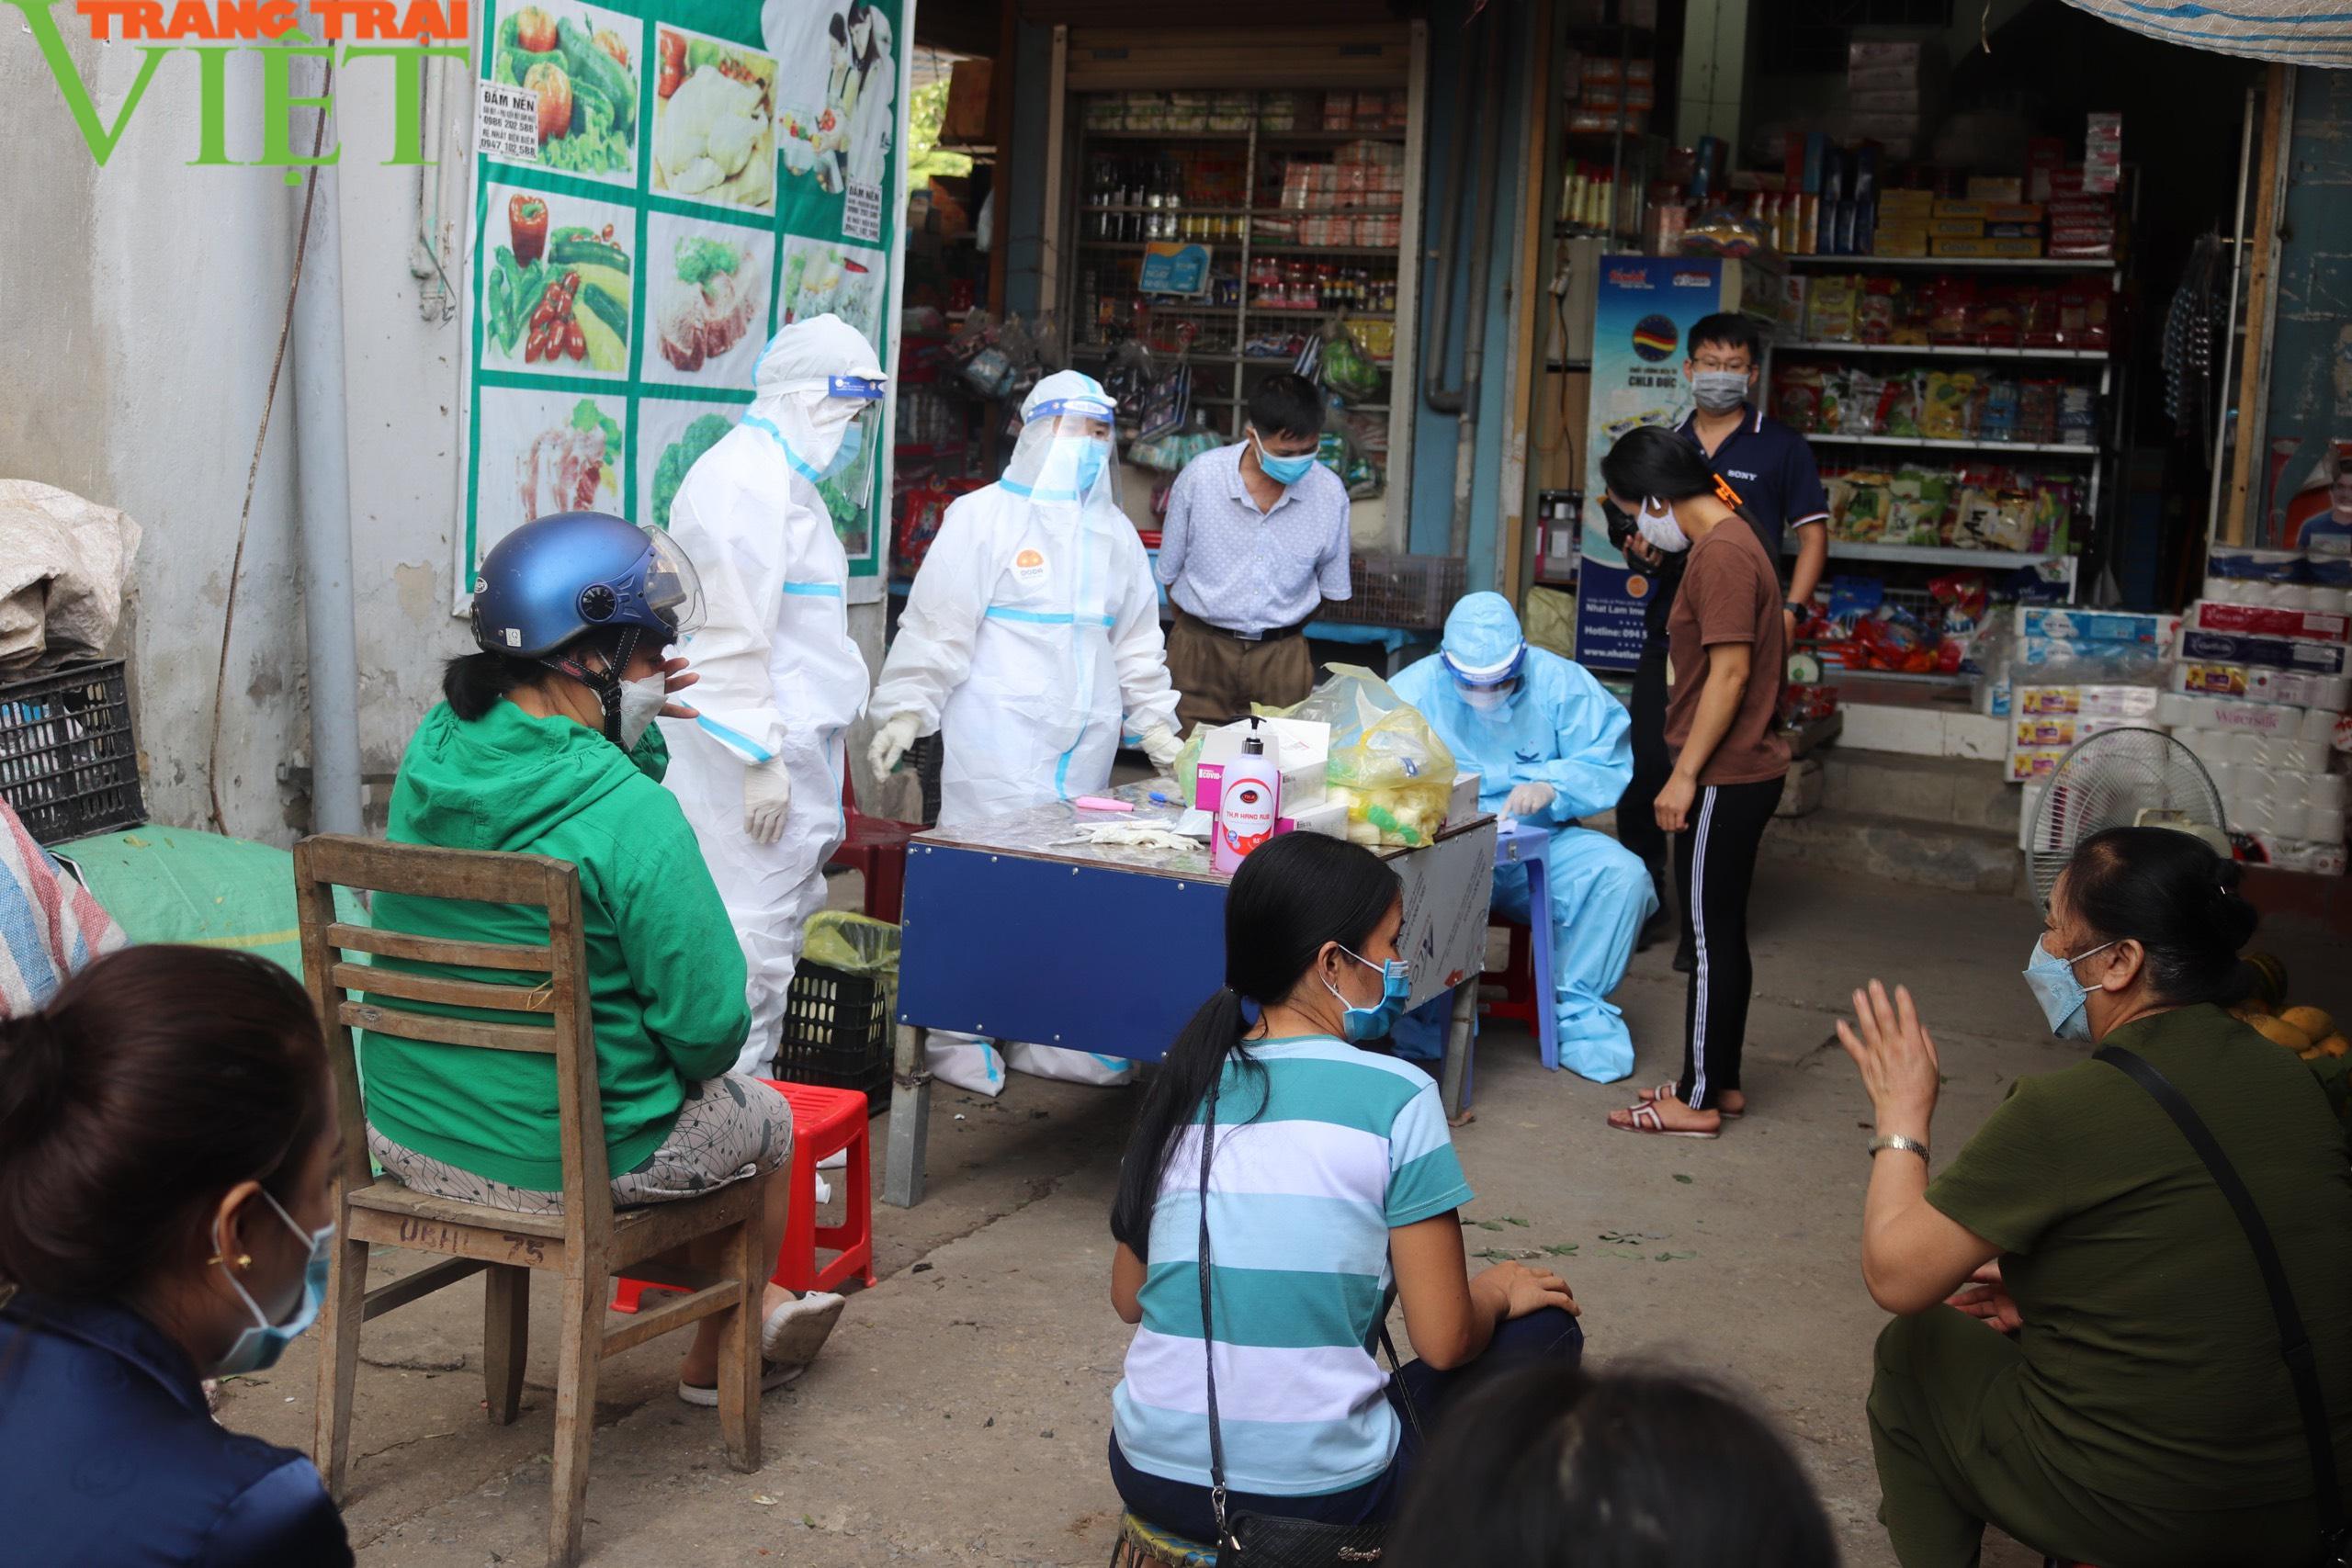 Điện Biên: Đề nghị Bộ Y tế hỗ trợ phòng, chống dịch Covid-19 - Ảnh 1.